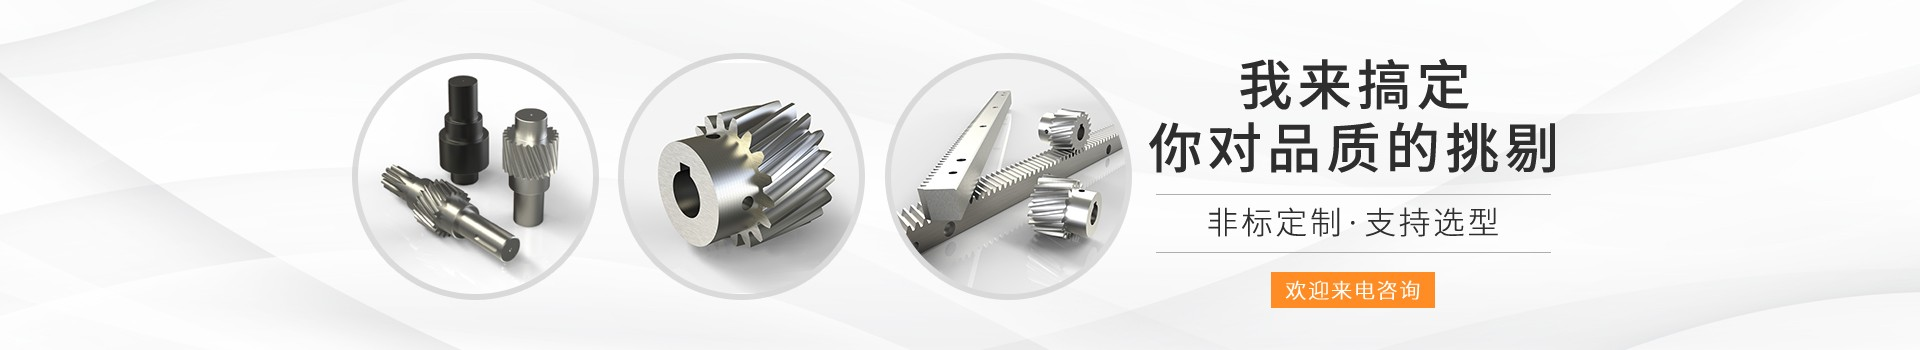 峰茂齿轮传动,专注精密齿轮齿条加工40年厂家